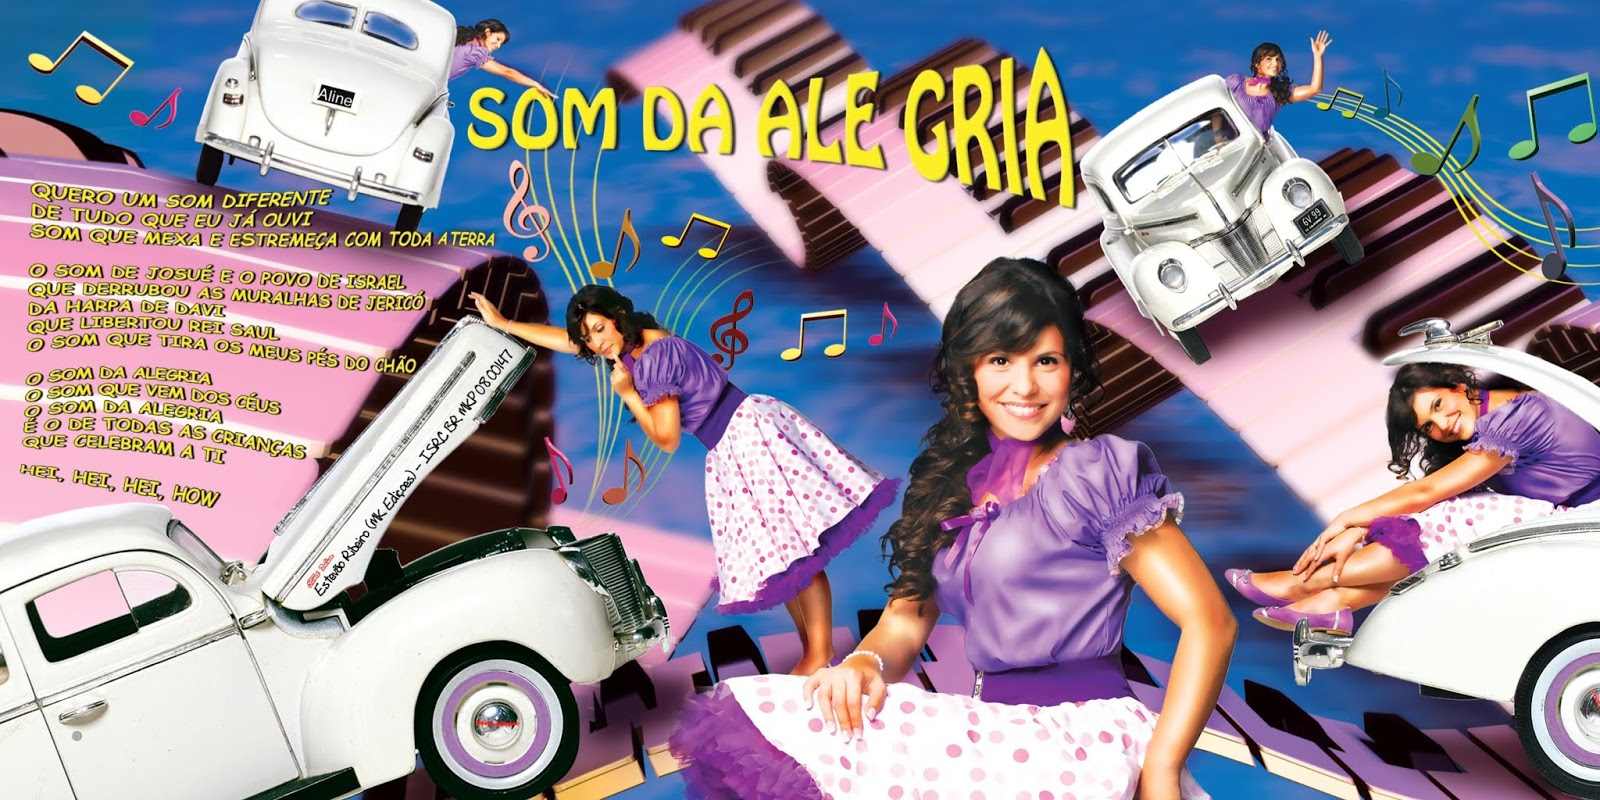 Aline Barros Aline Barros & Cia 2 encarte: aline barros - aline barros & cia 2 (edição digital)